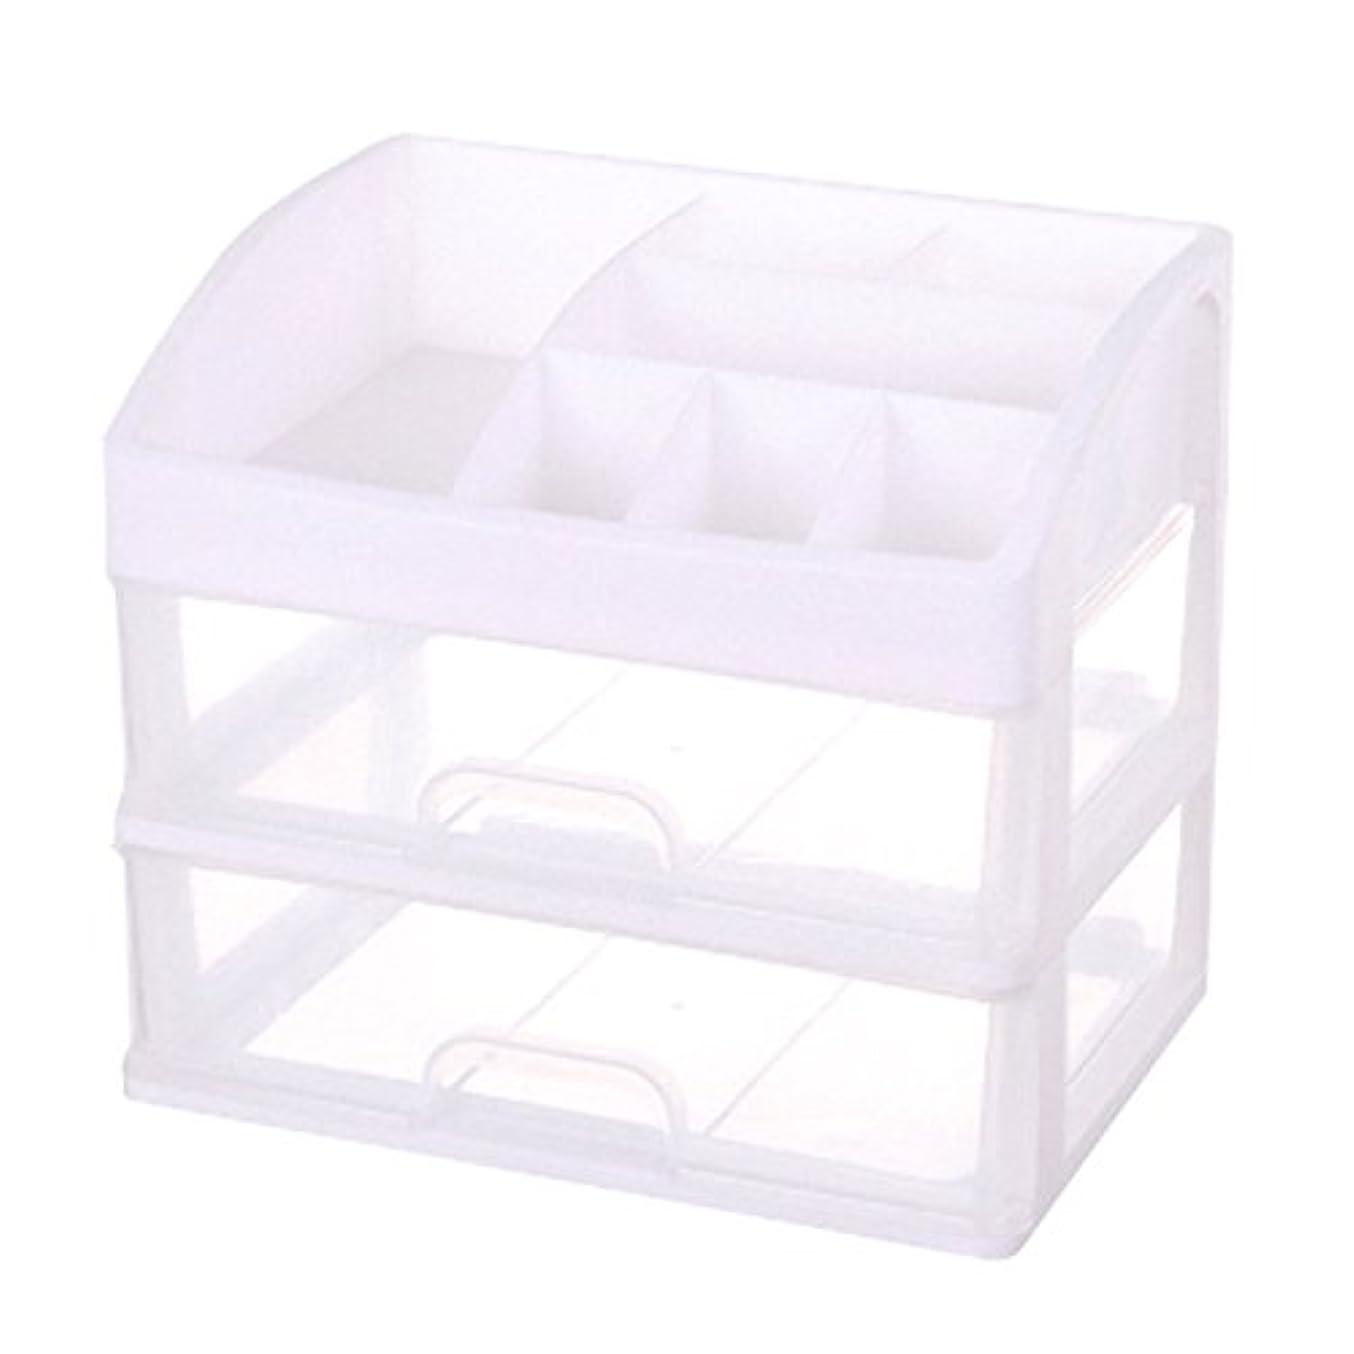 言及する噴出するめまいがFelimoa 化粧品収納ボックス メイクケース コスメ収納ボックス 引き出し小物 化粧品入れ